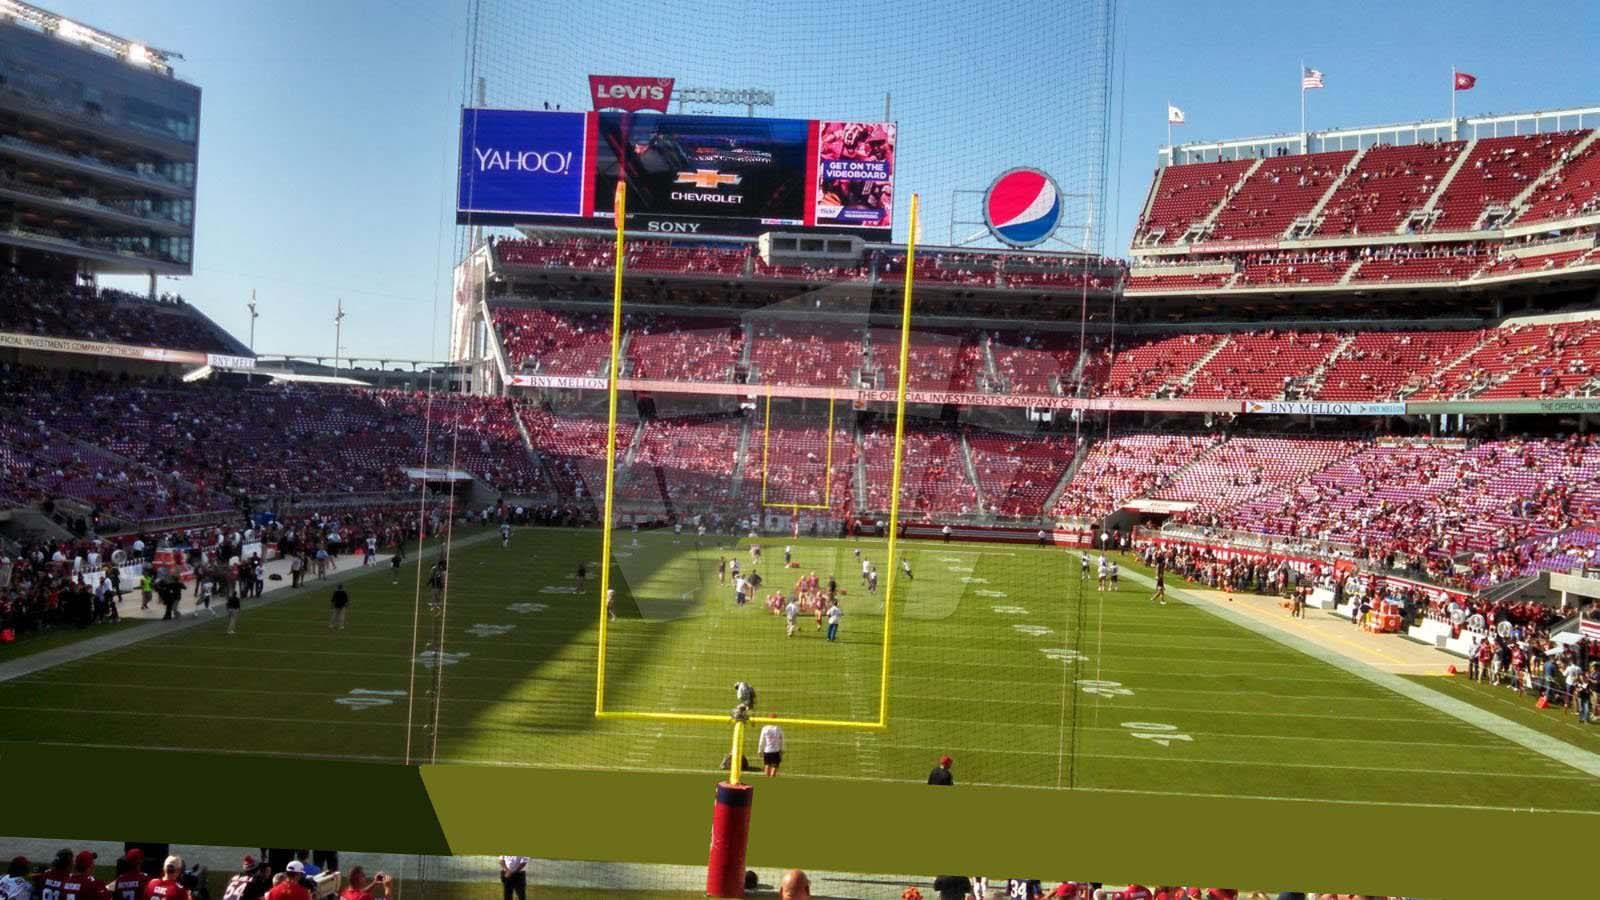 levi's stadium section 127 - rateyourseats